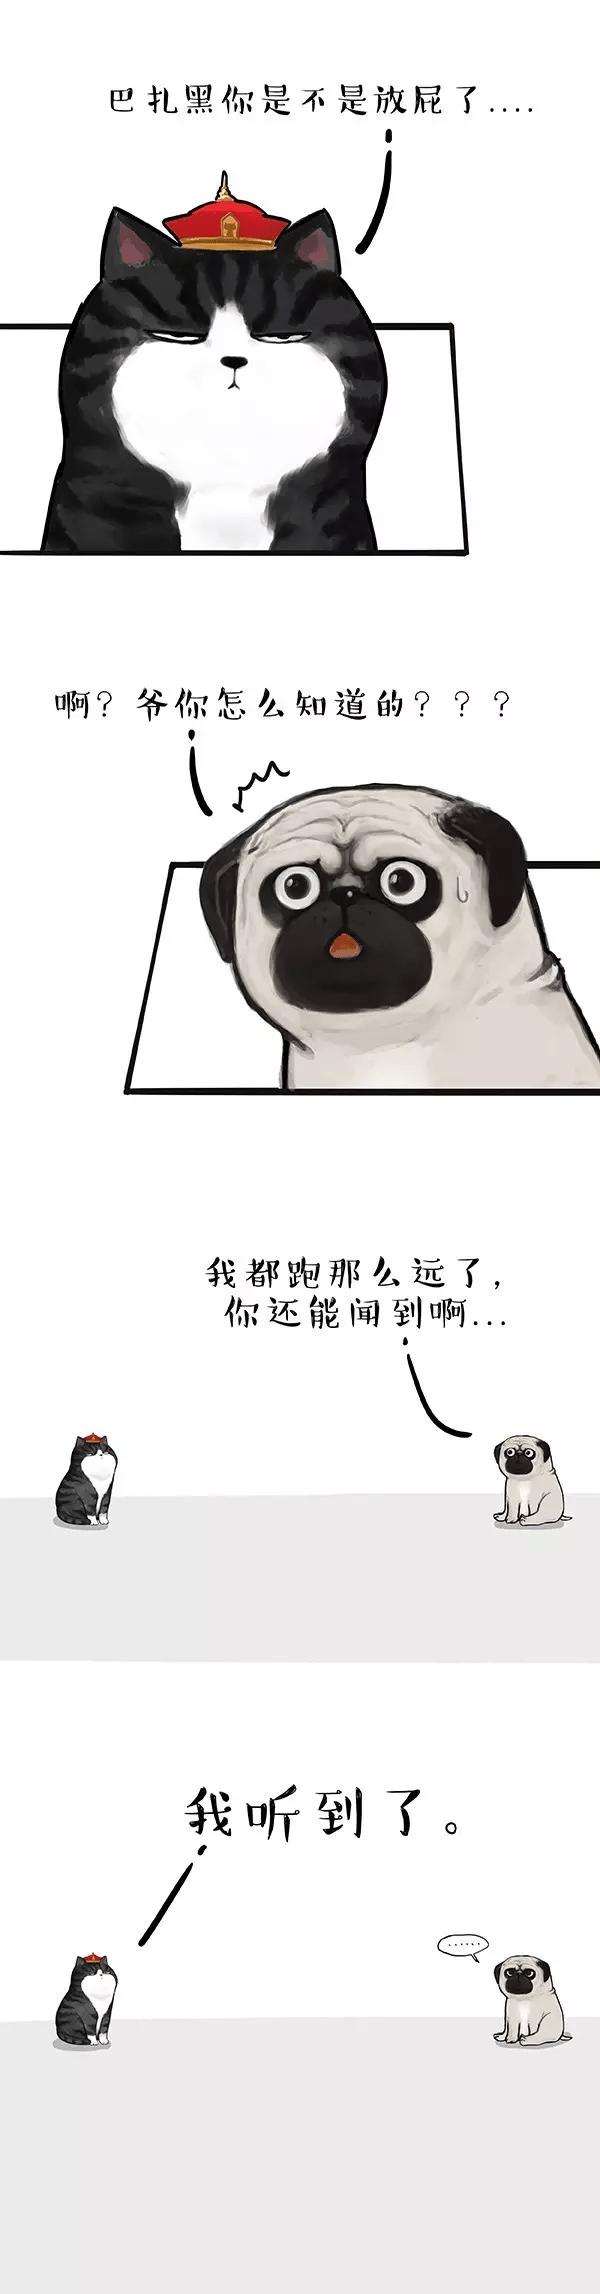 吾皇:猫到底是个什么玩意儿(漫画)_人类